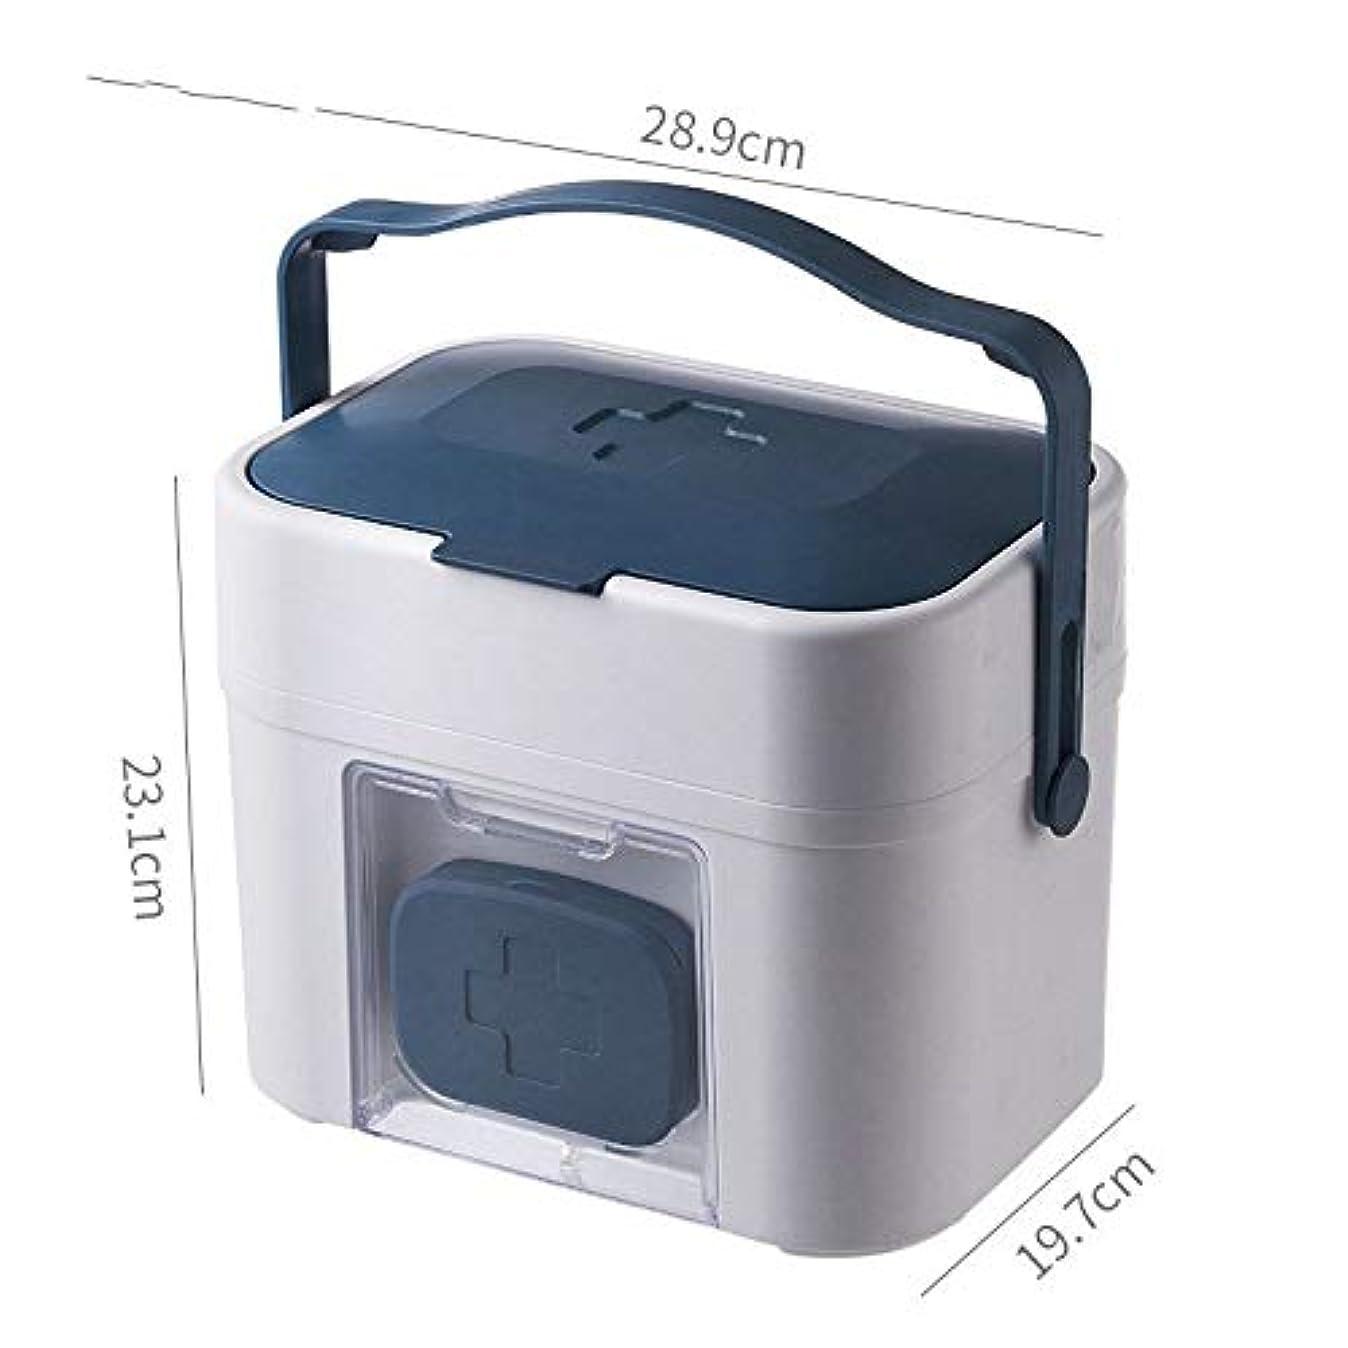 寄付パイロットスペアUIOYKL 救急箱 大きいサイズ 薬箱 収納ボッ クス 大容量 ダブル引き出し 家庭用 ツールボックス 道具箱 小物入れ アウトドア 耐久性 (Color : A)